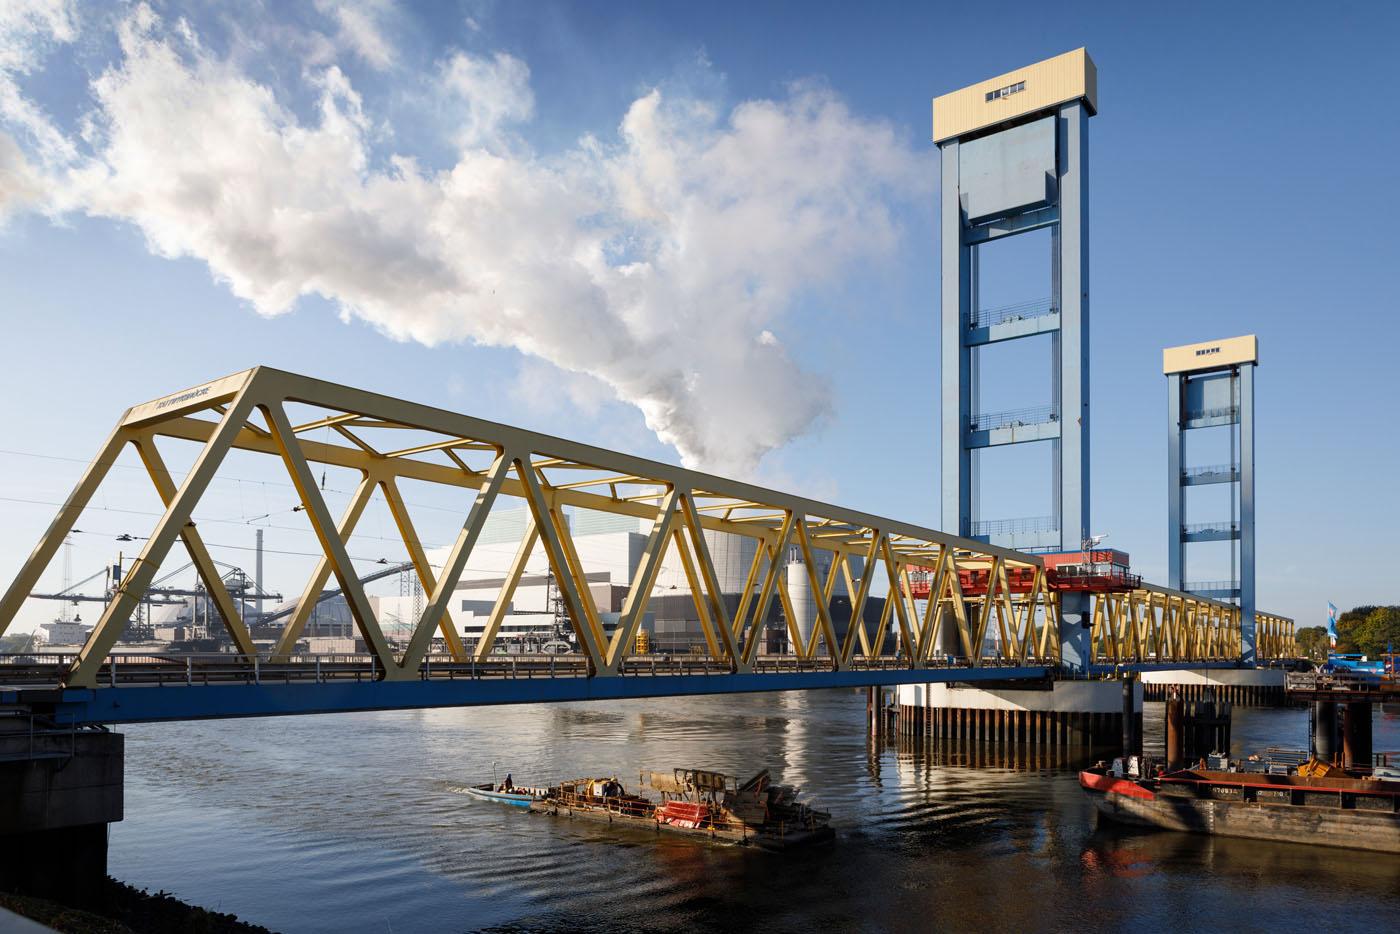 Brückenbau Hamburg Kattwykbrücke